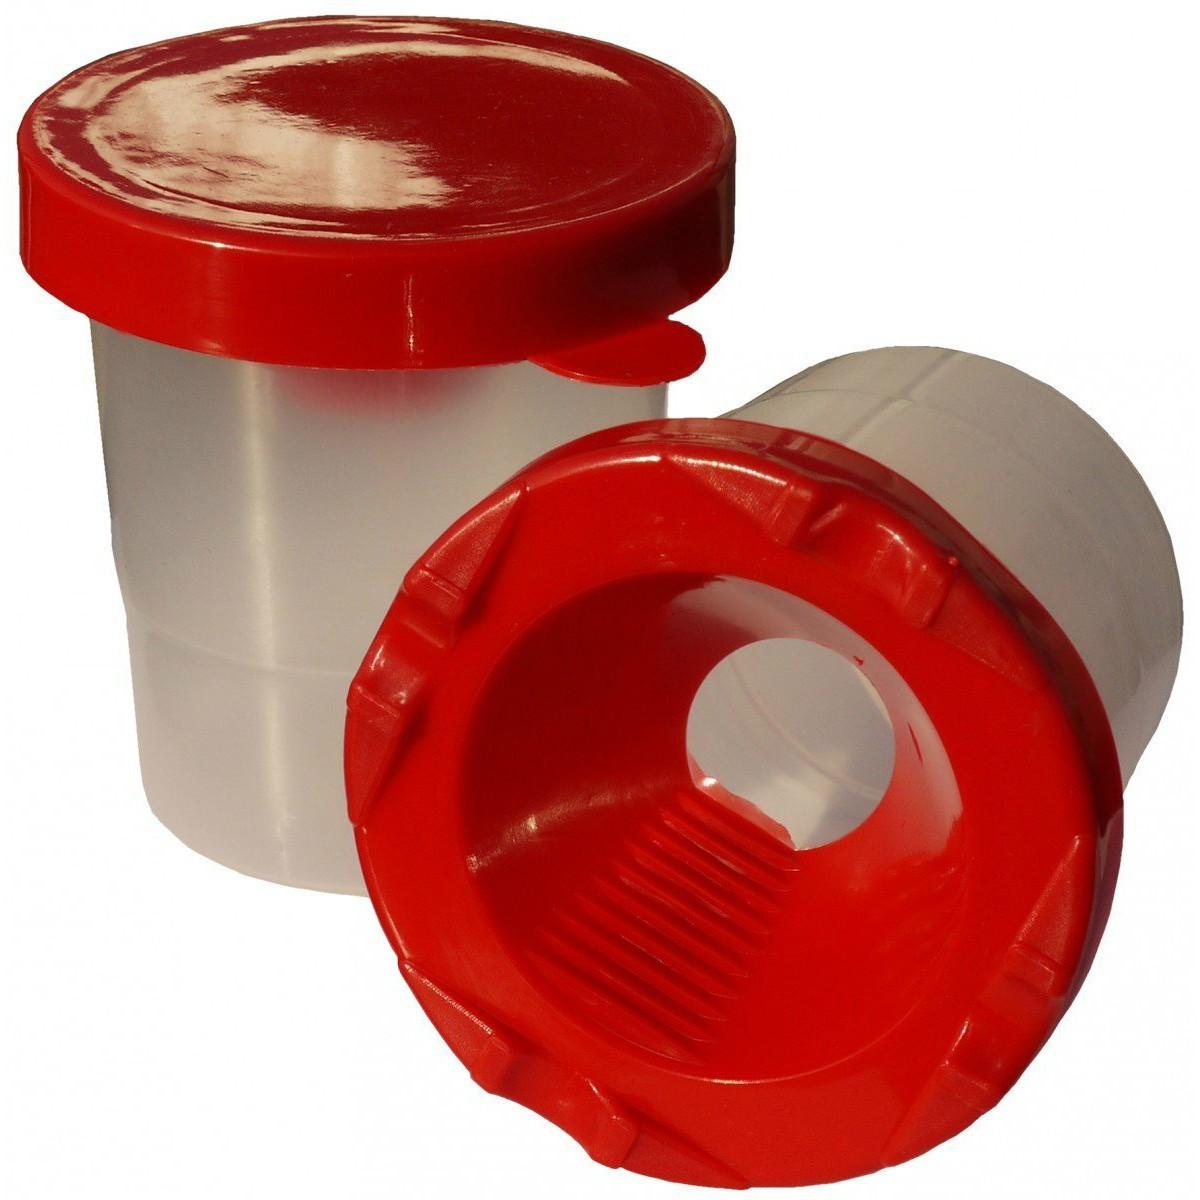 Piccolino Pinselbecher - Malbecher mit Auslaufschutz und Deckel, D8cm x H9cm